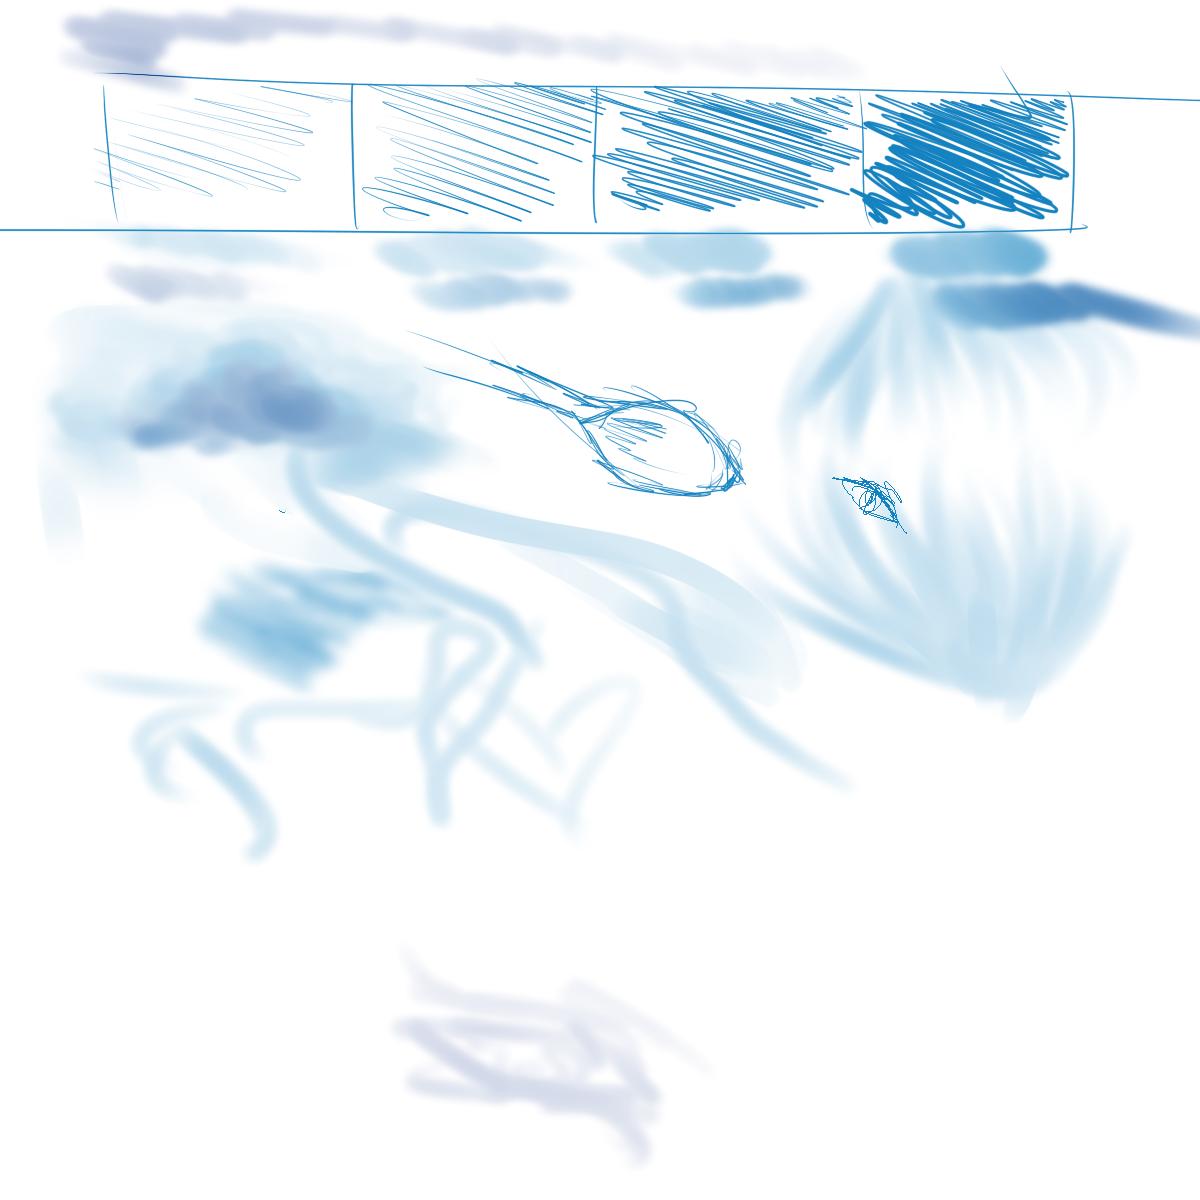 doodles 3.29.16 b